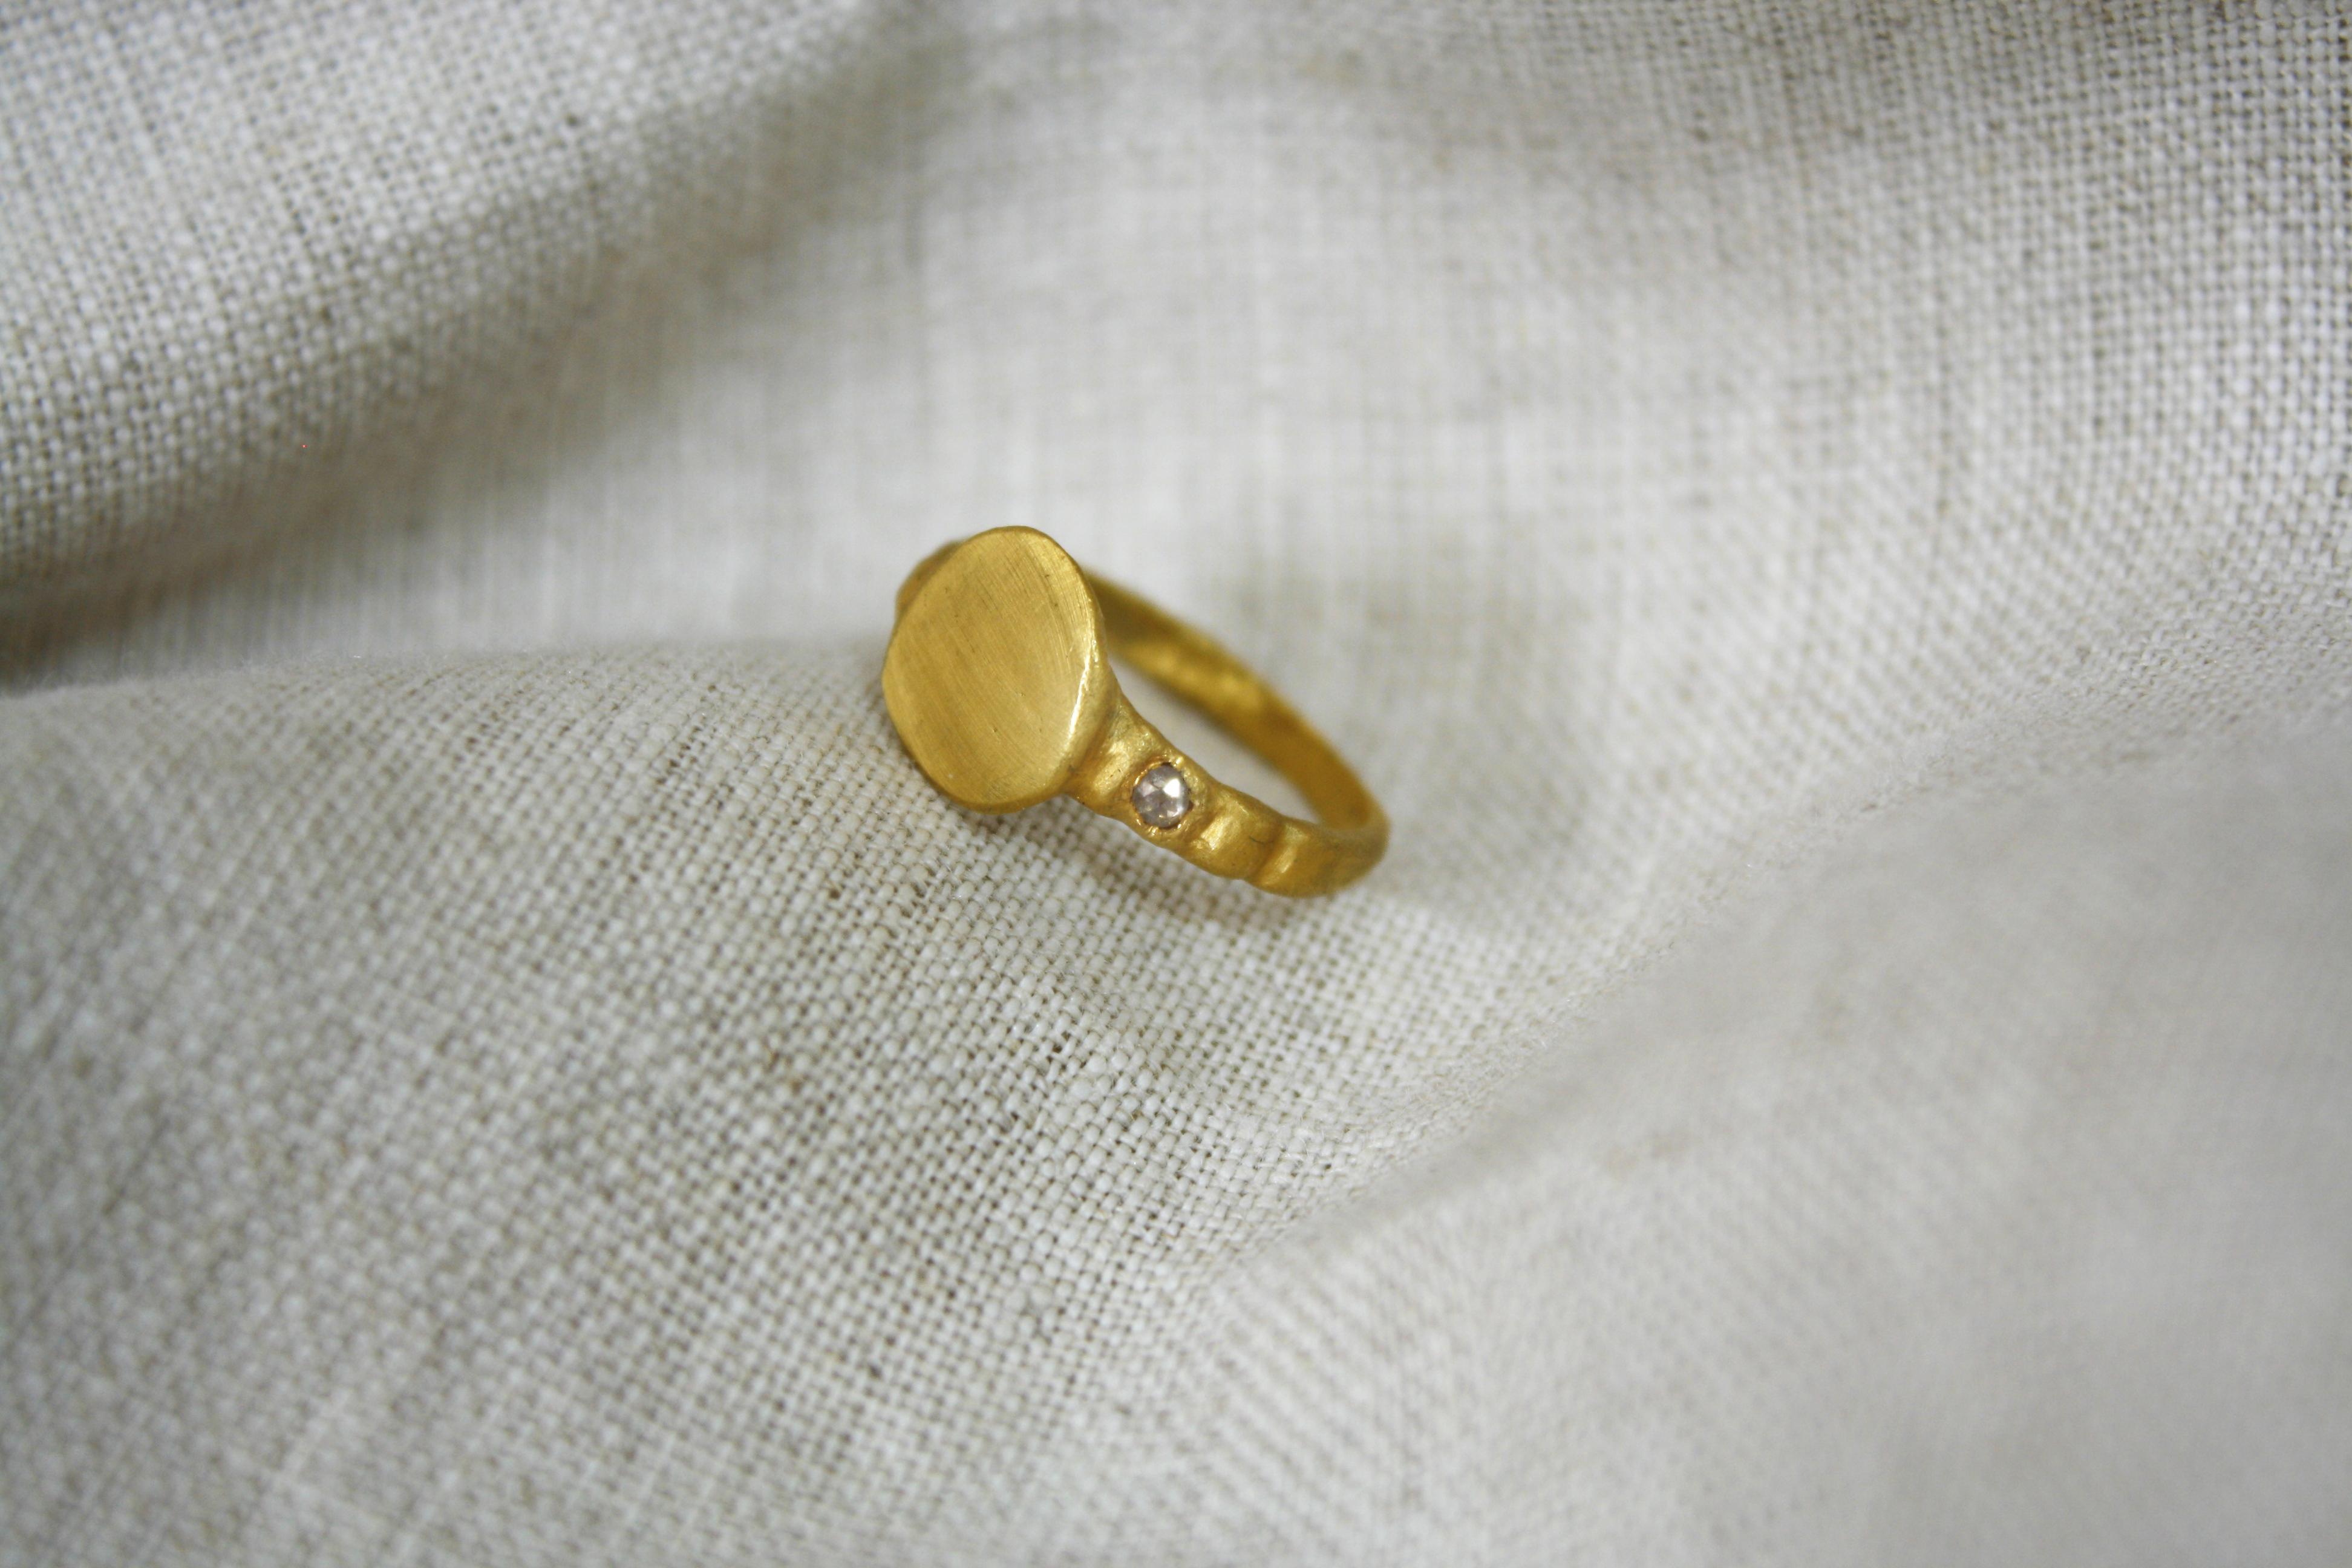 טבעת המרפא בעשבים זהב עם יהלום קטן בצד